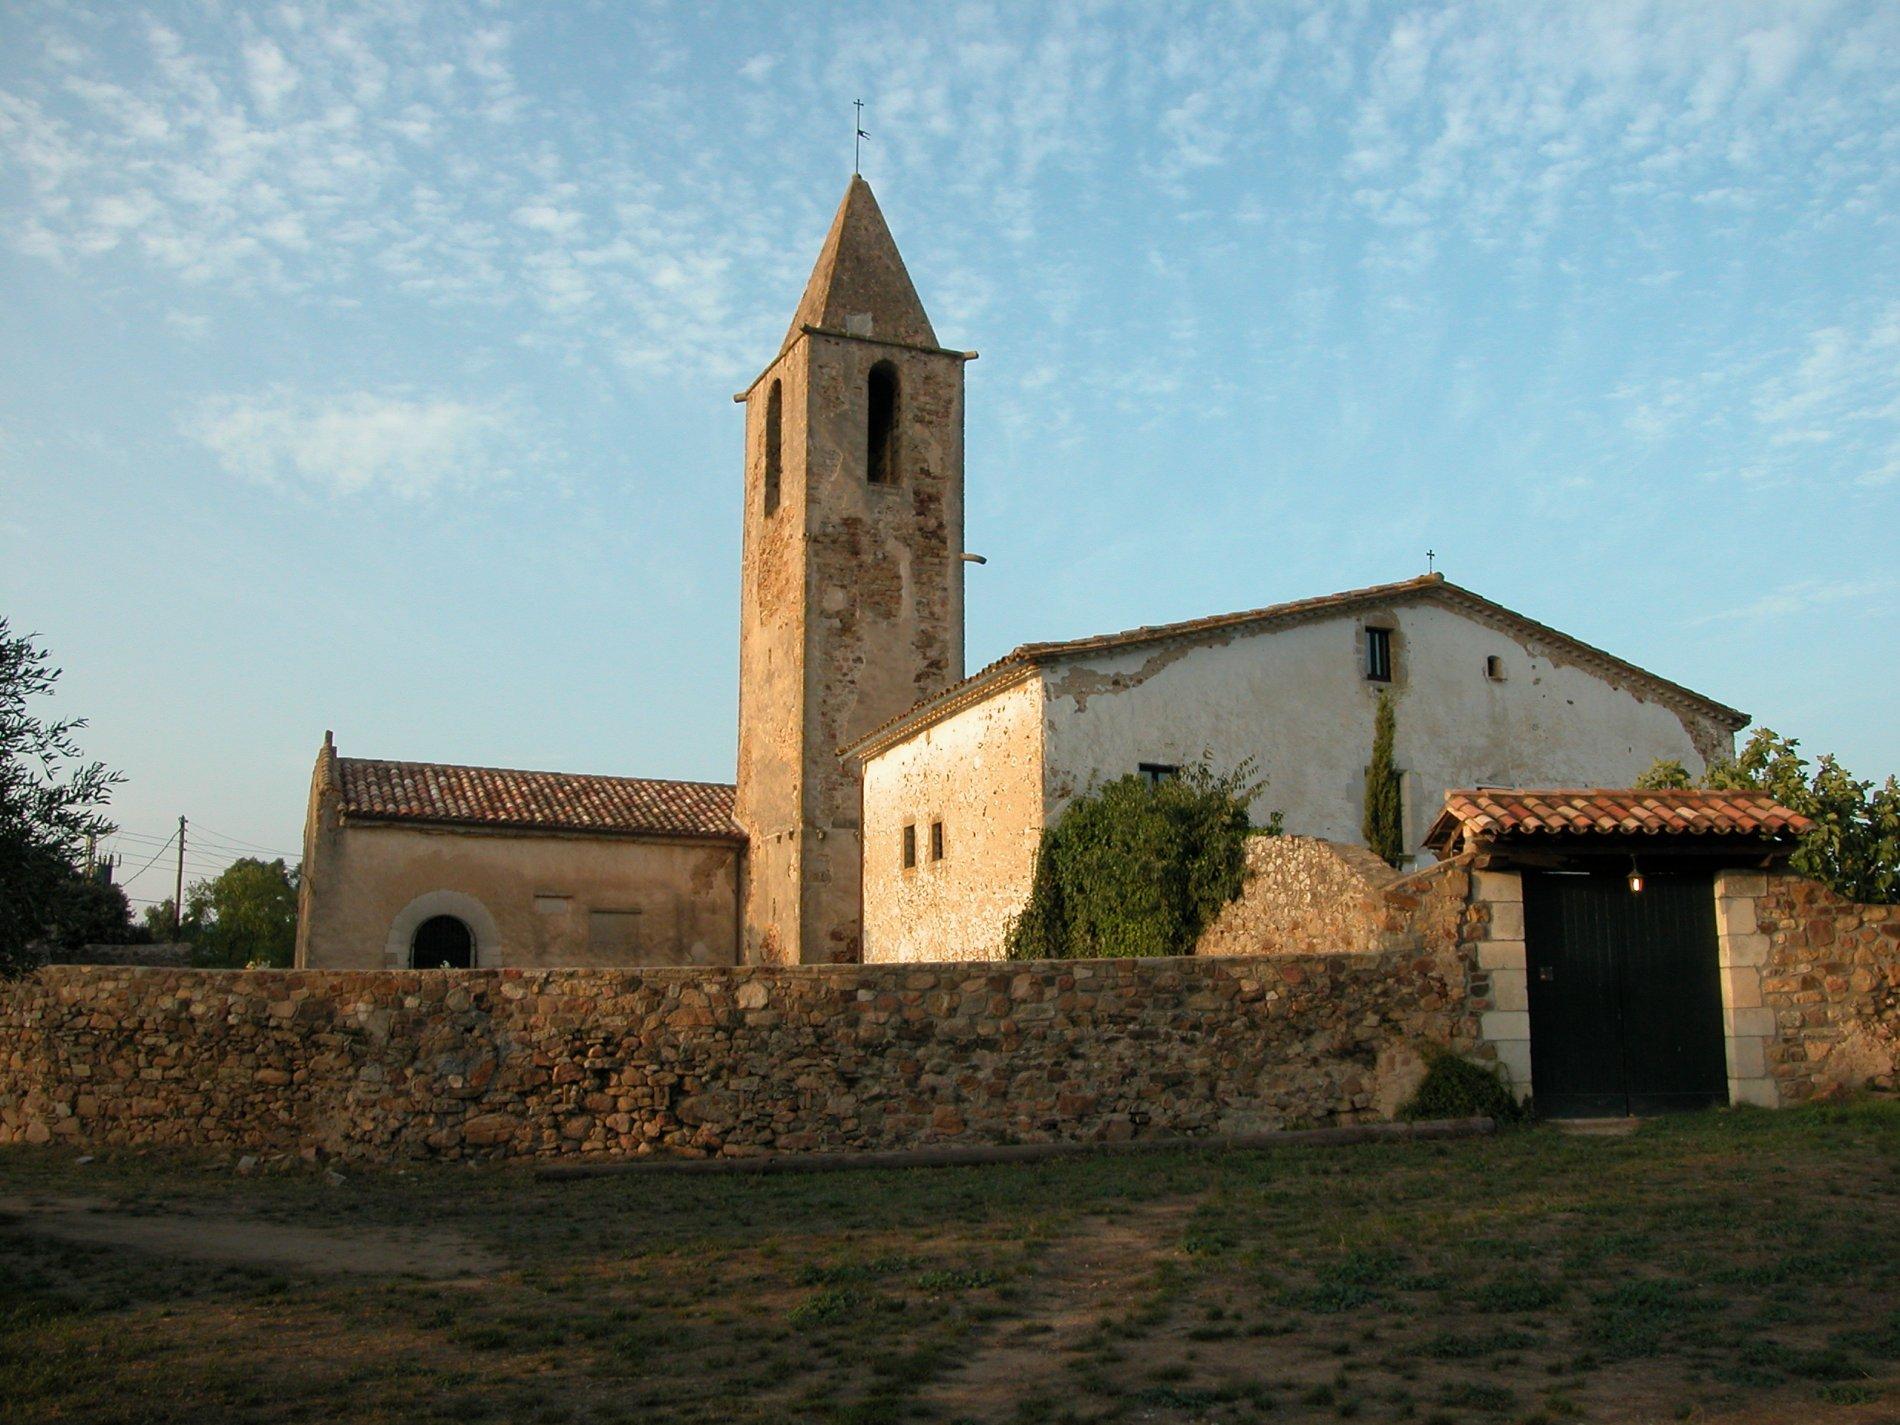 Antiga església parroquial de Sant Mateu de Montnegre. És un edifici d'origen medieval que s'ha reformat en moltes ocasions. A la fotografia podem distingir dos cosos units per una torre campanar.